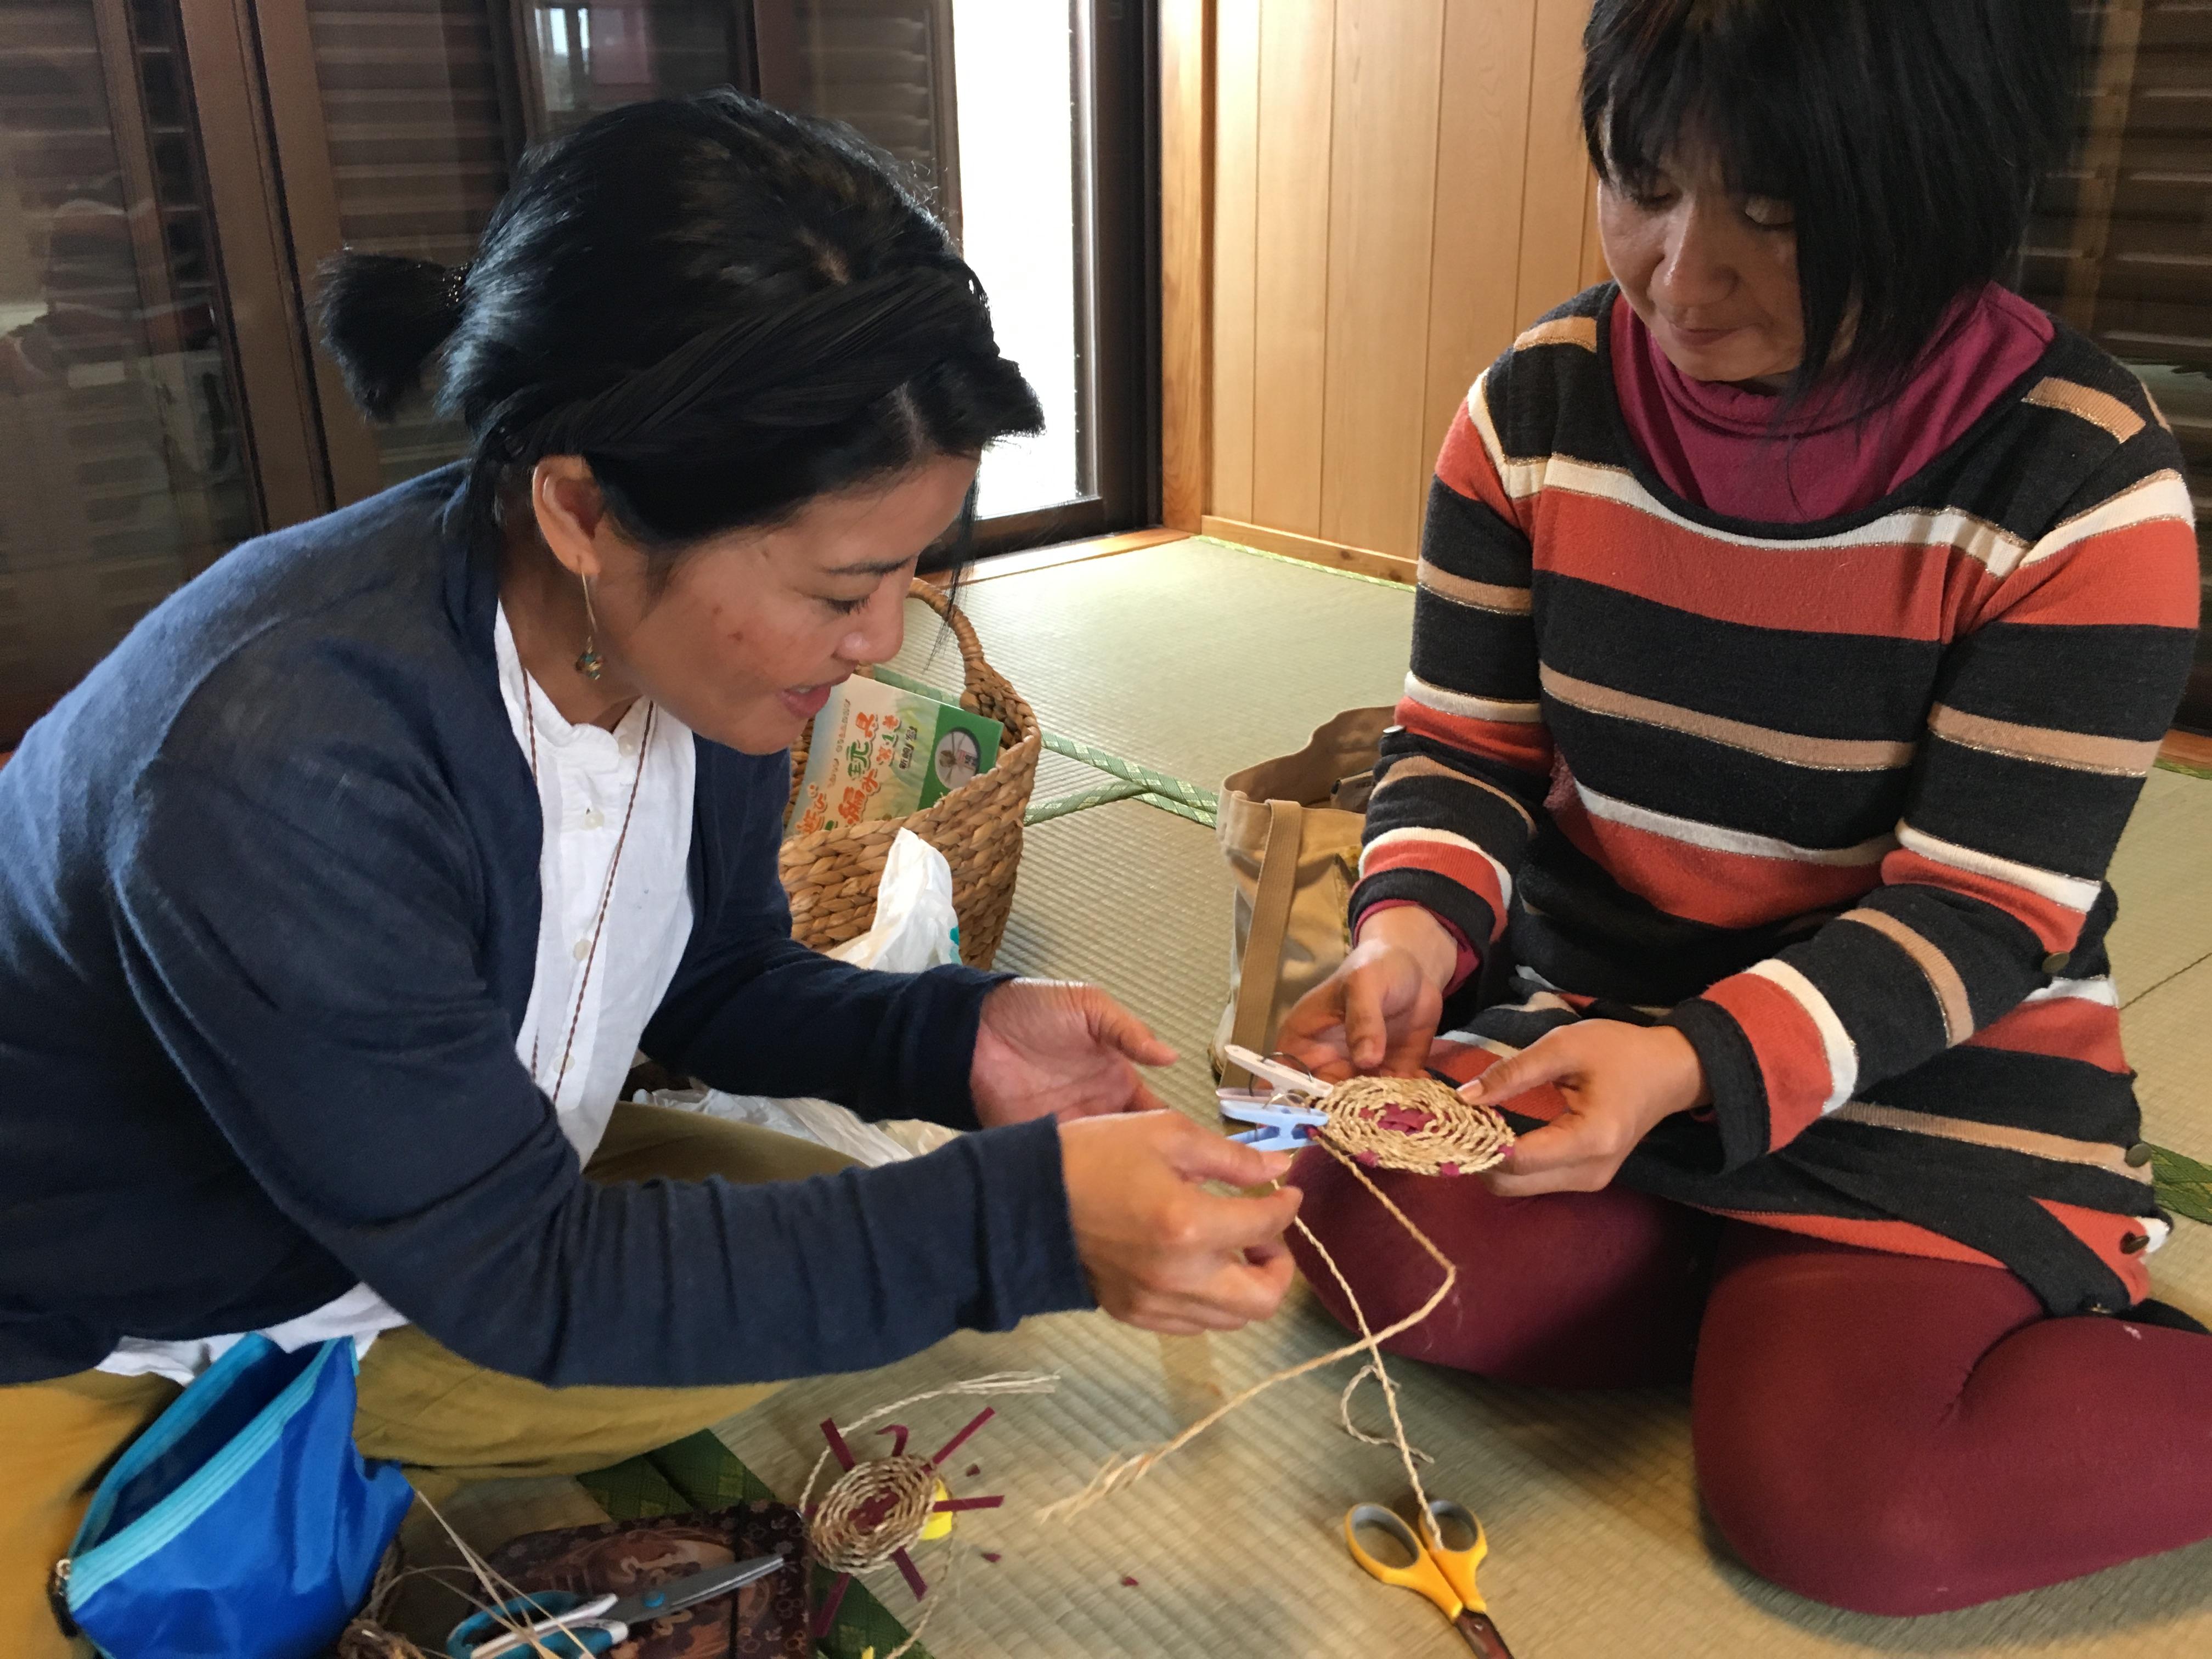 沖縄県、八重瀬町、音楽教室、ドレミハウス、草木あみ